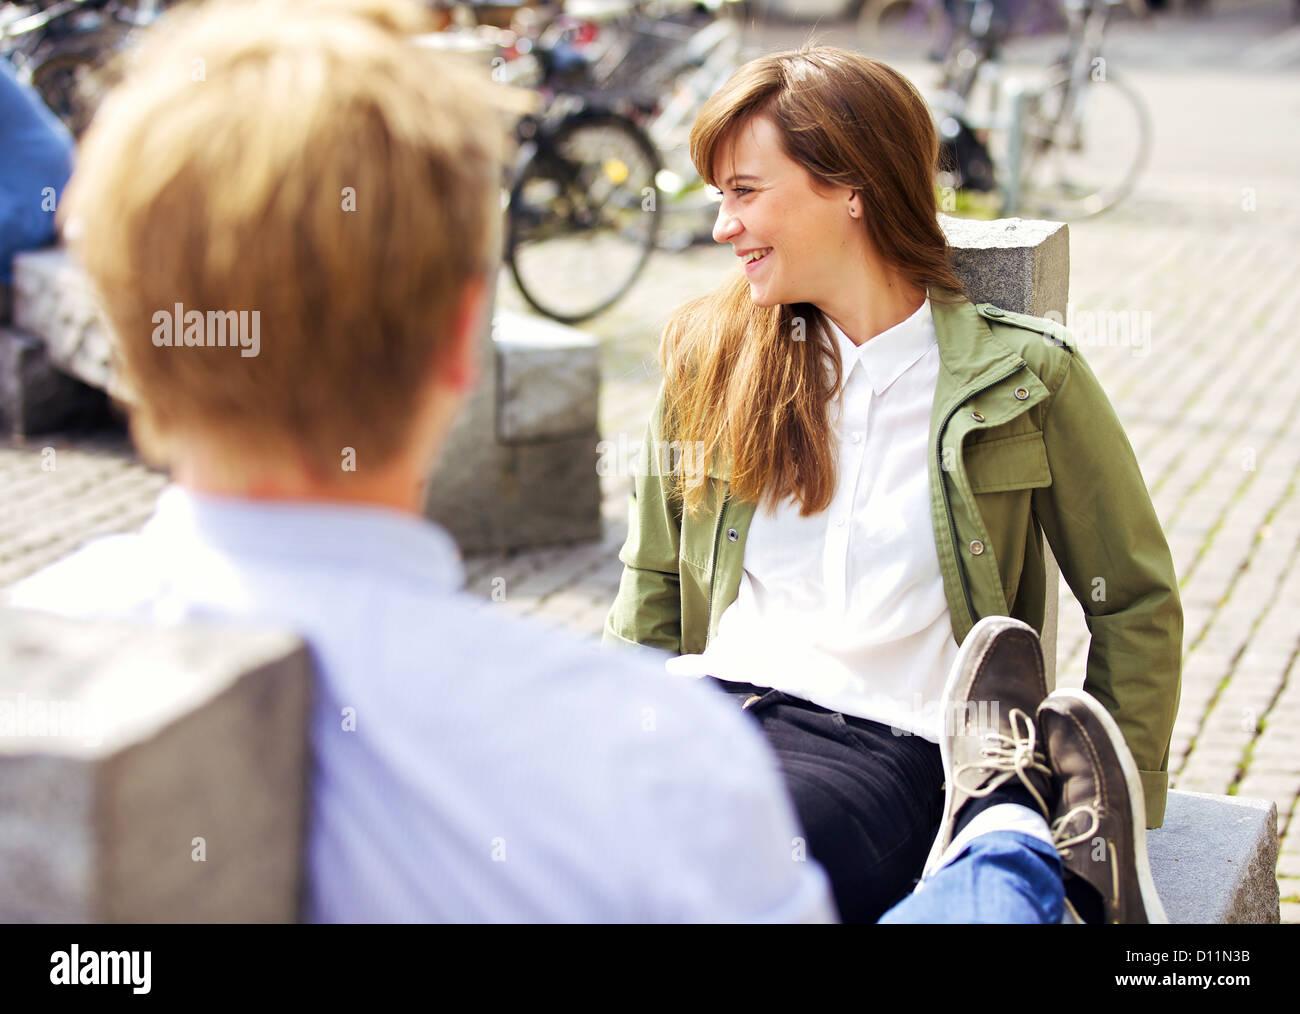 Détente attrayant femme assise sur un banc de parc avec son petit ami profiter de l'agréable matinée Photo Stock